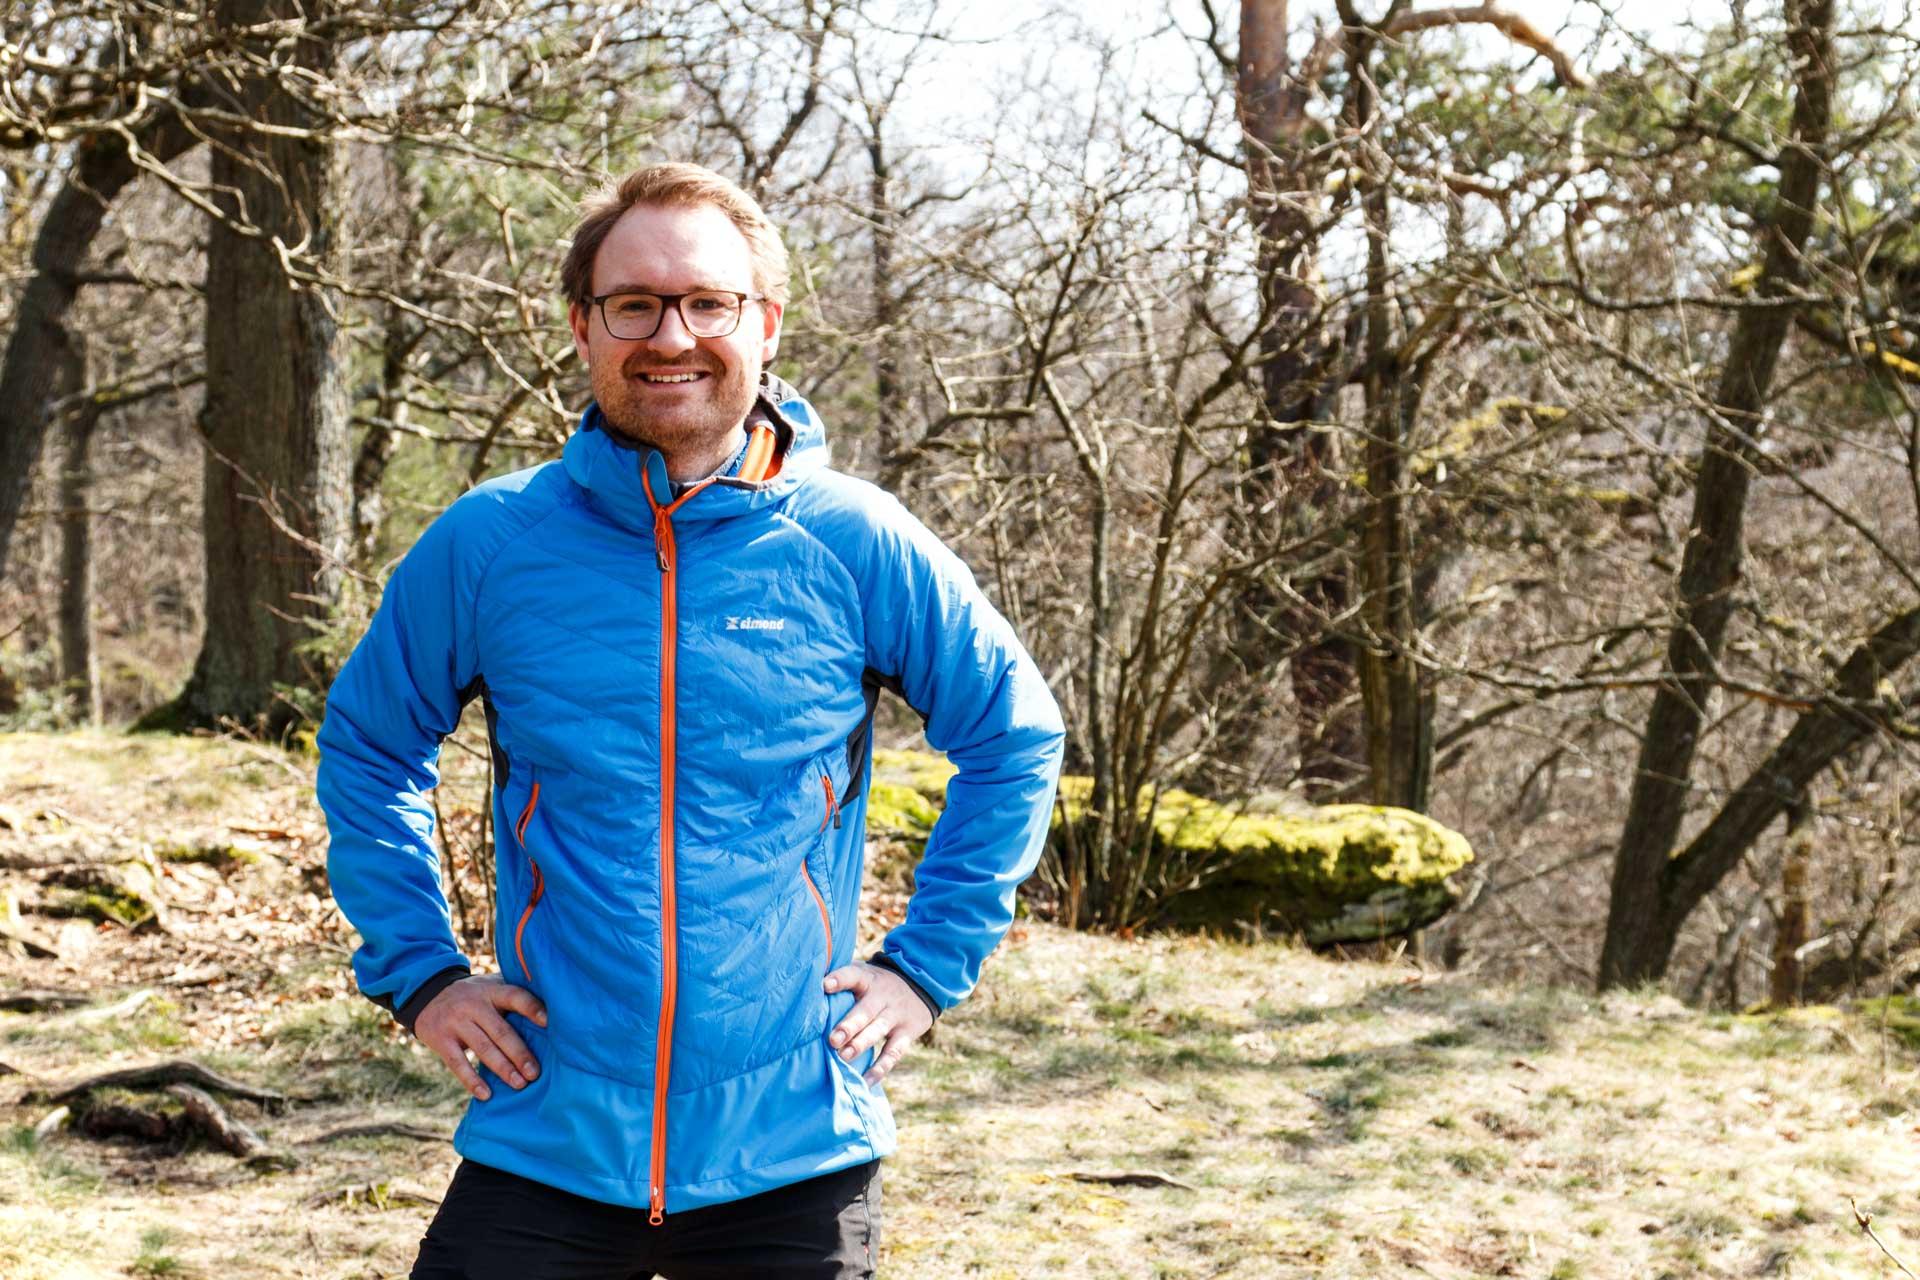 Decathlon Klettergurt Review : Erfahrungsbericht simond hybdrid sprint günstige bergsteigerjacke